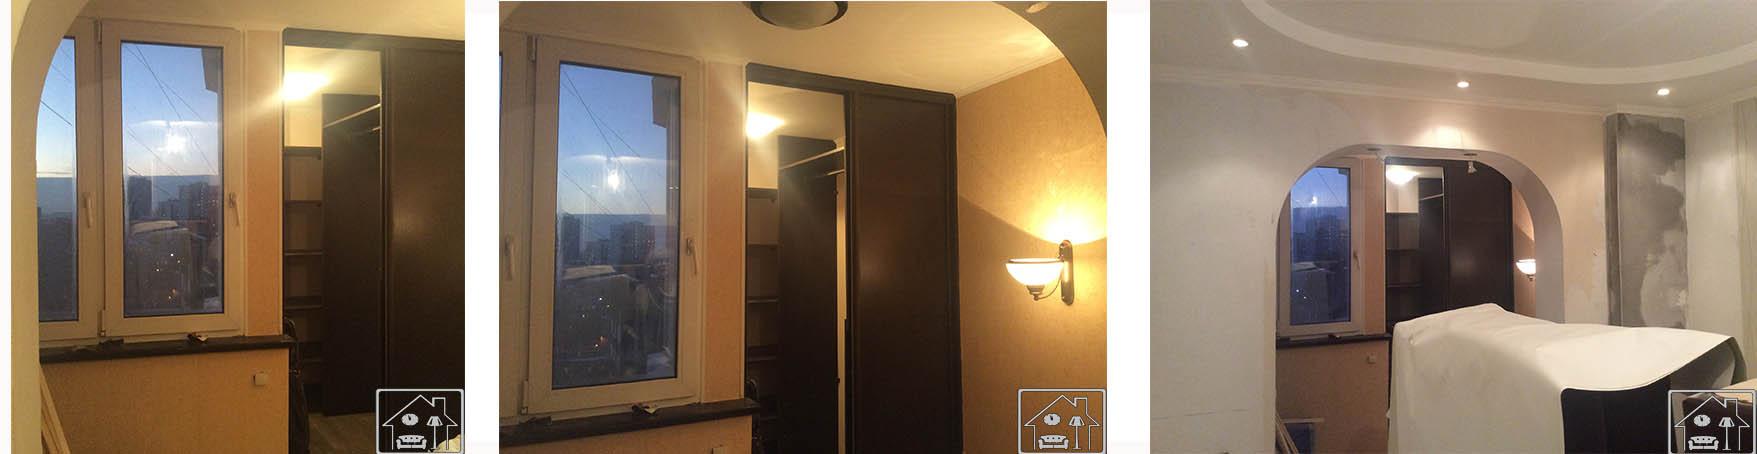 3-ка типовая 2 балкон